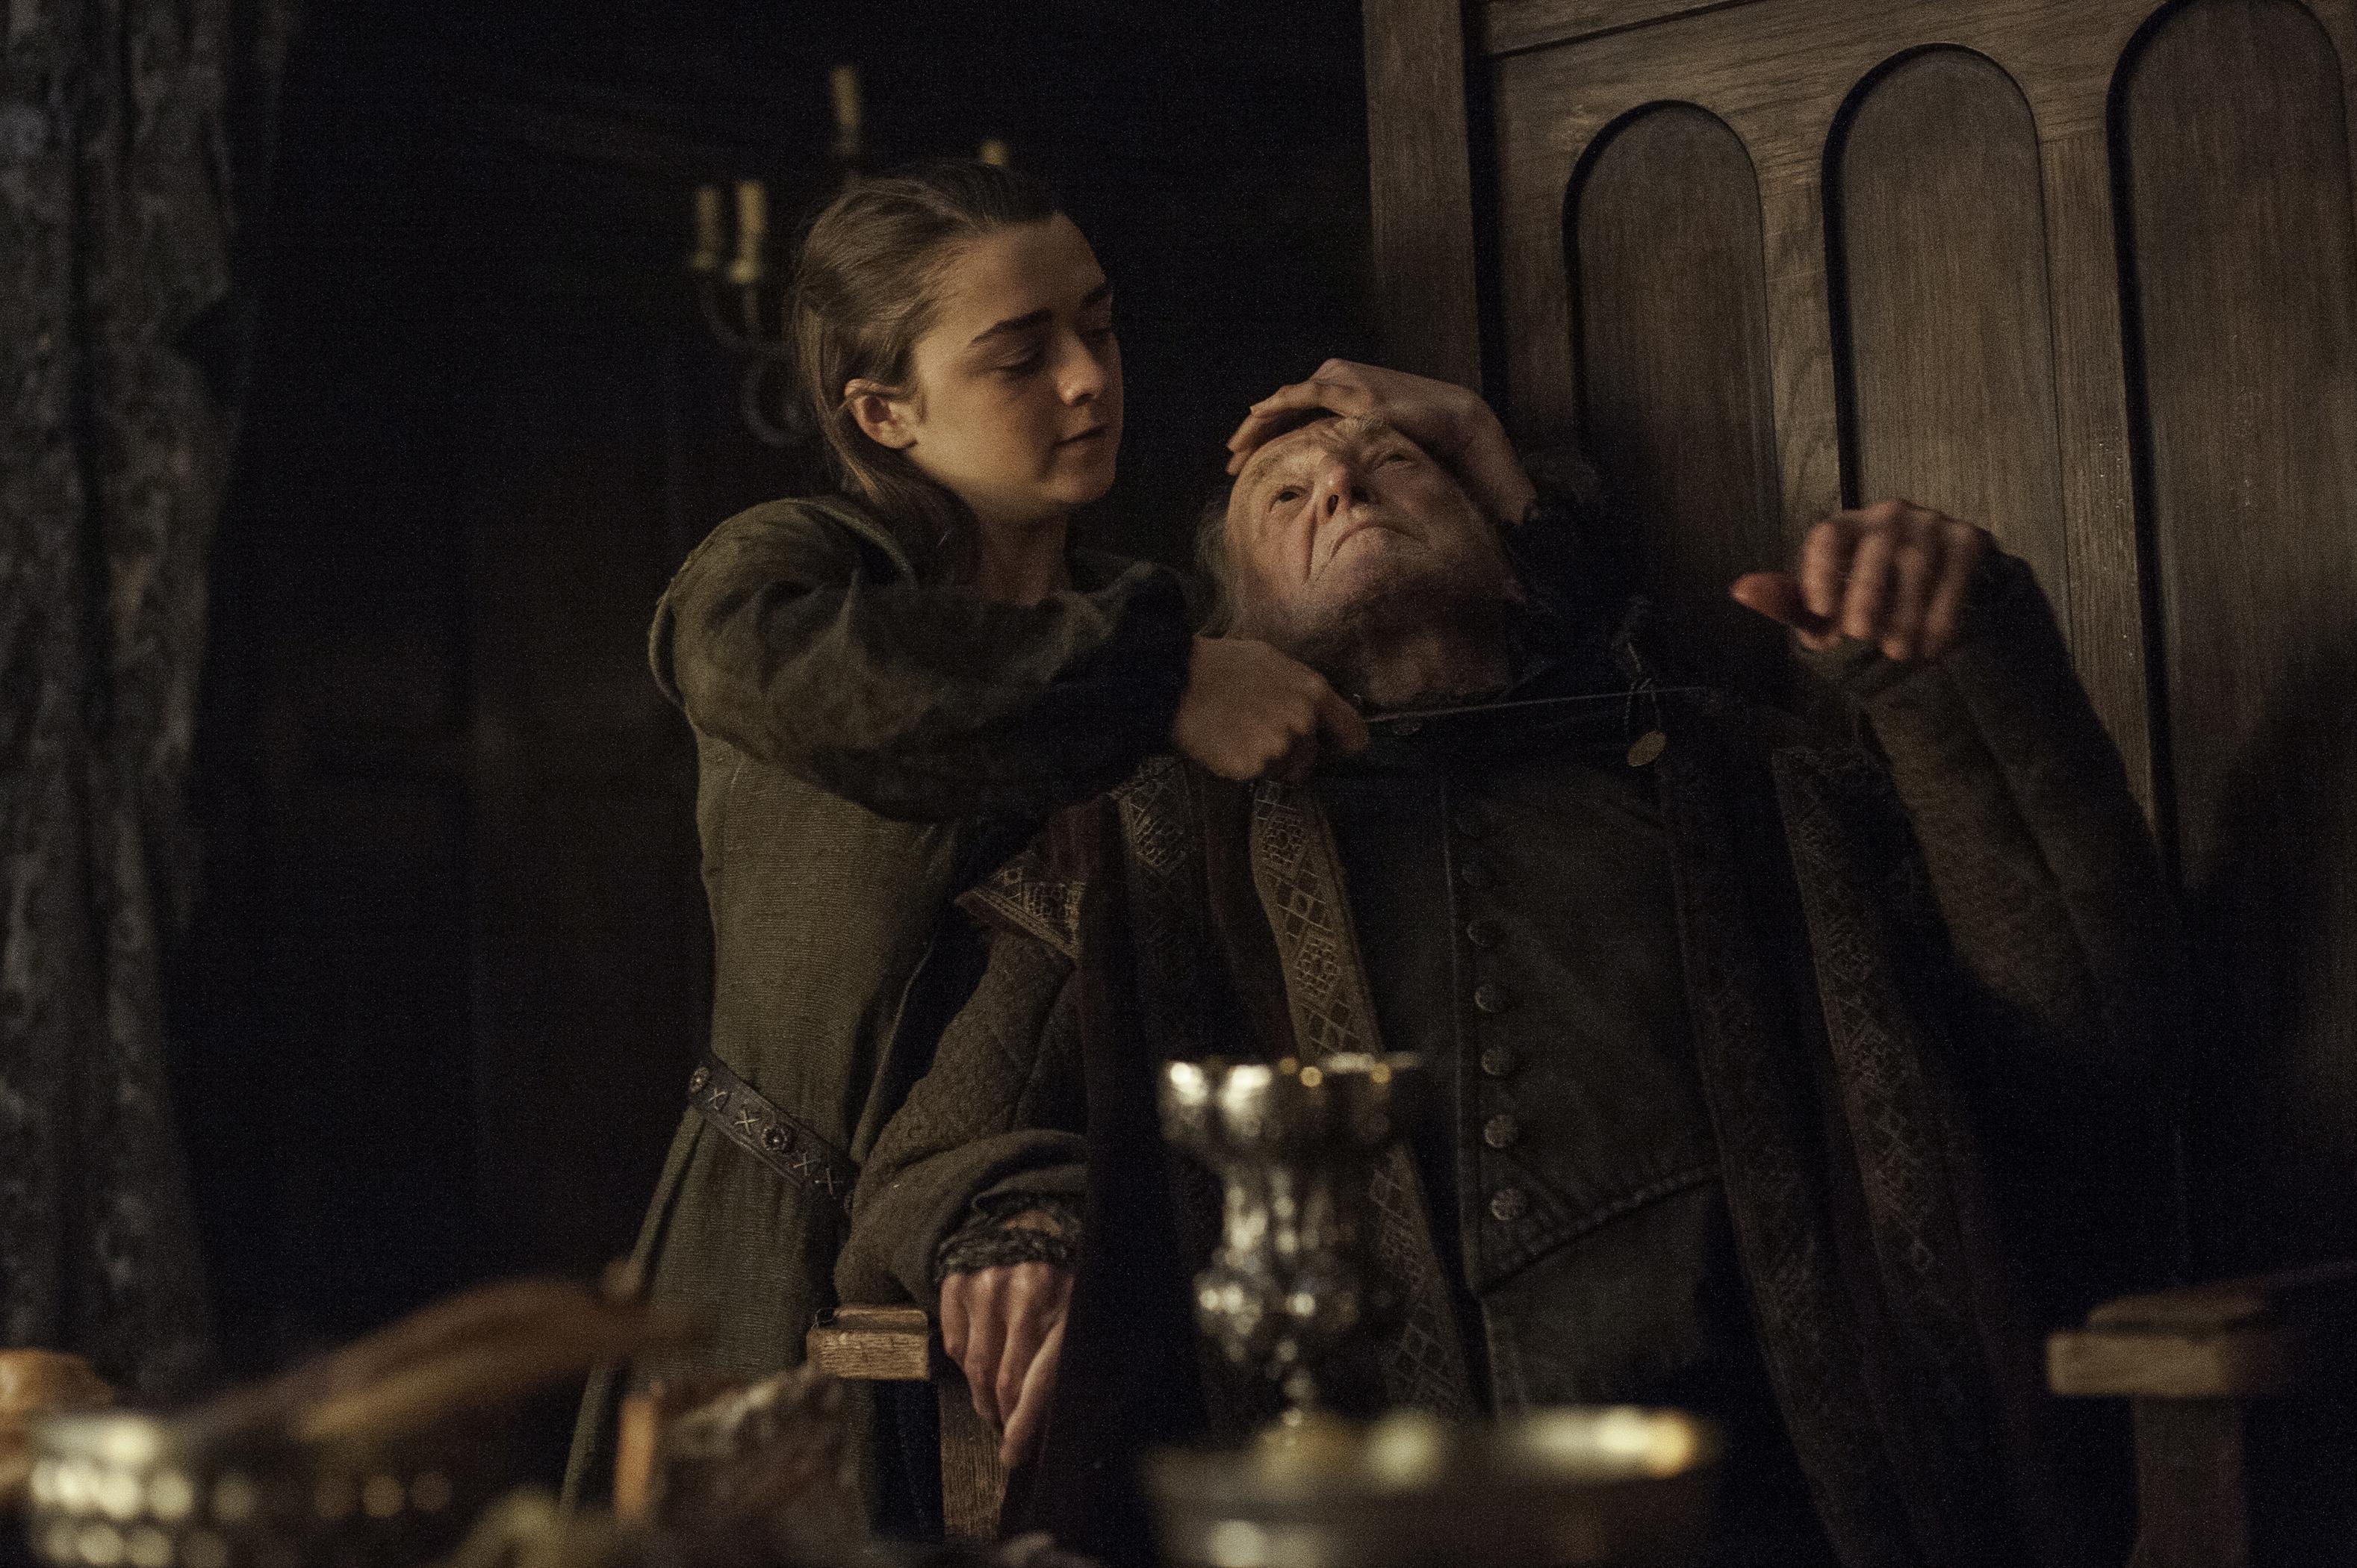 Game Of Thrones 1 Sezon Kaç Bölümden Oluşuyor